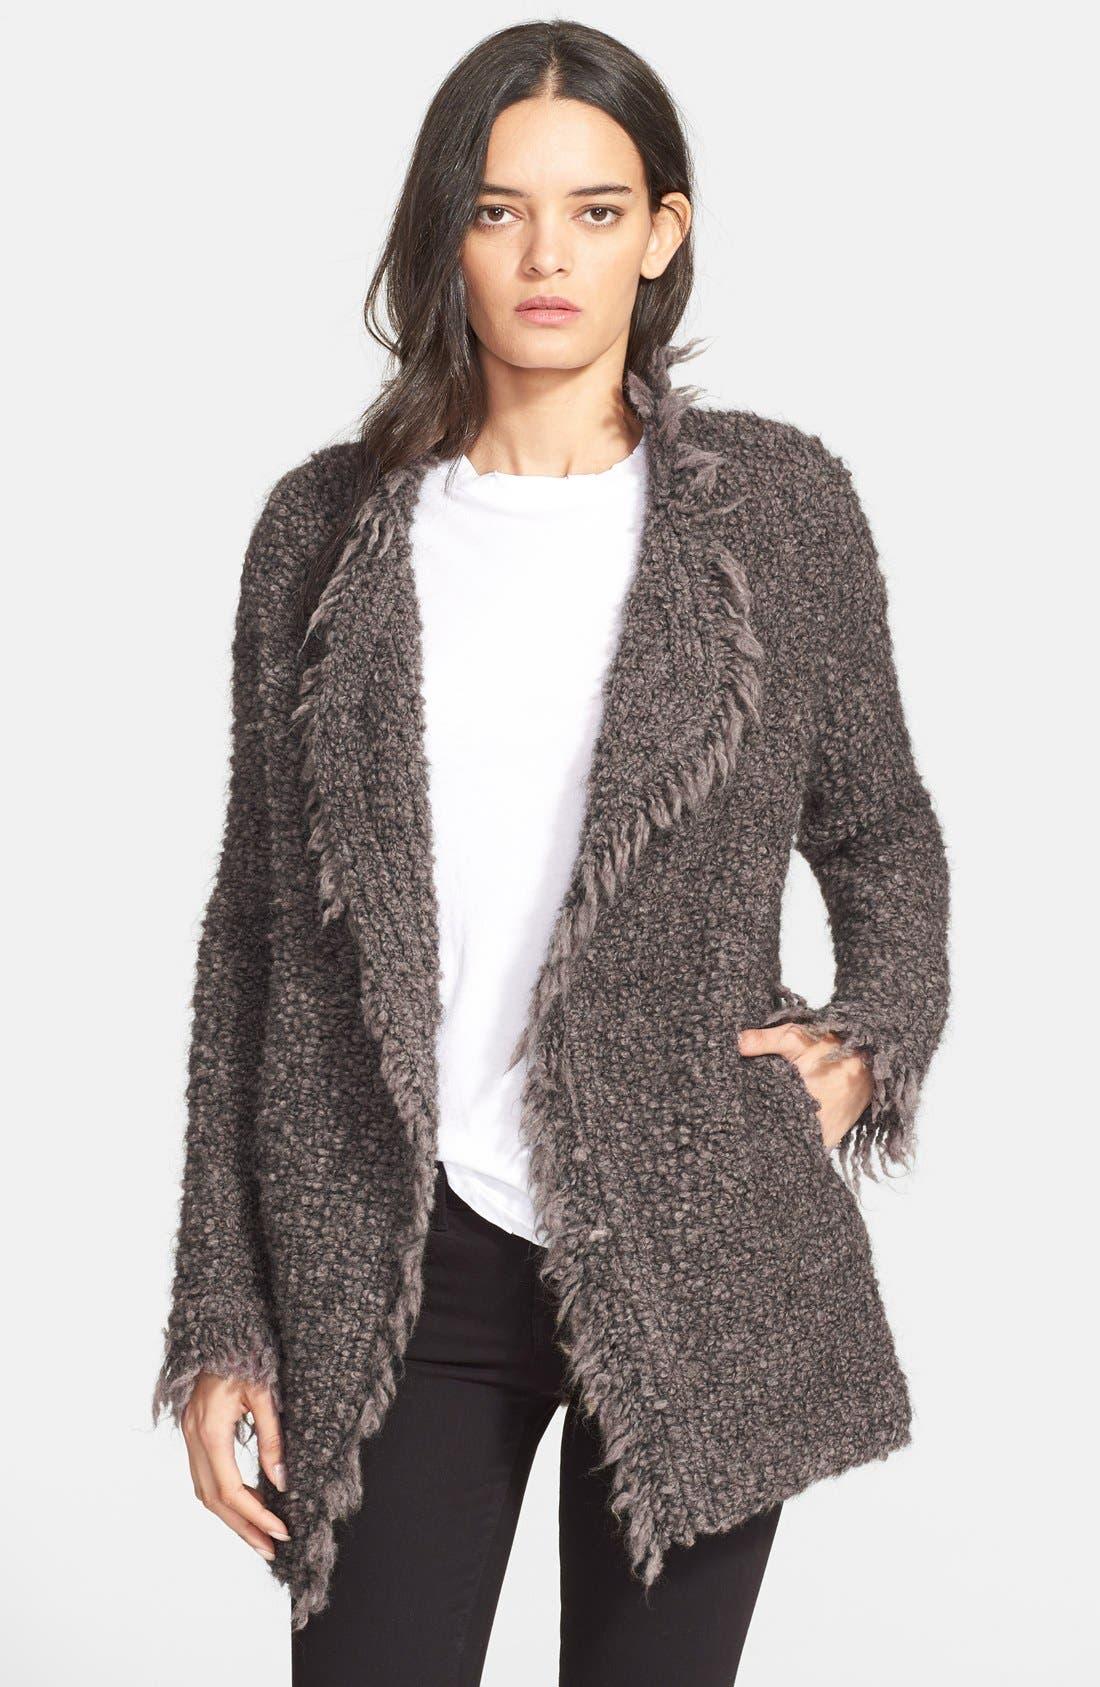 Alternate Image 1 Selected - IRO 'Campbell' Oversize Cardigan Jacket